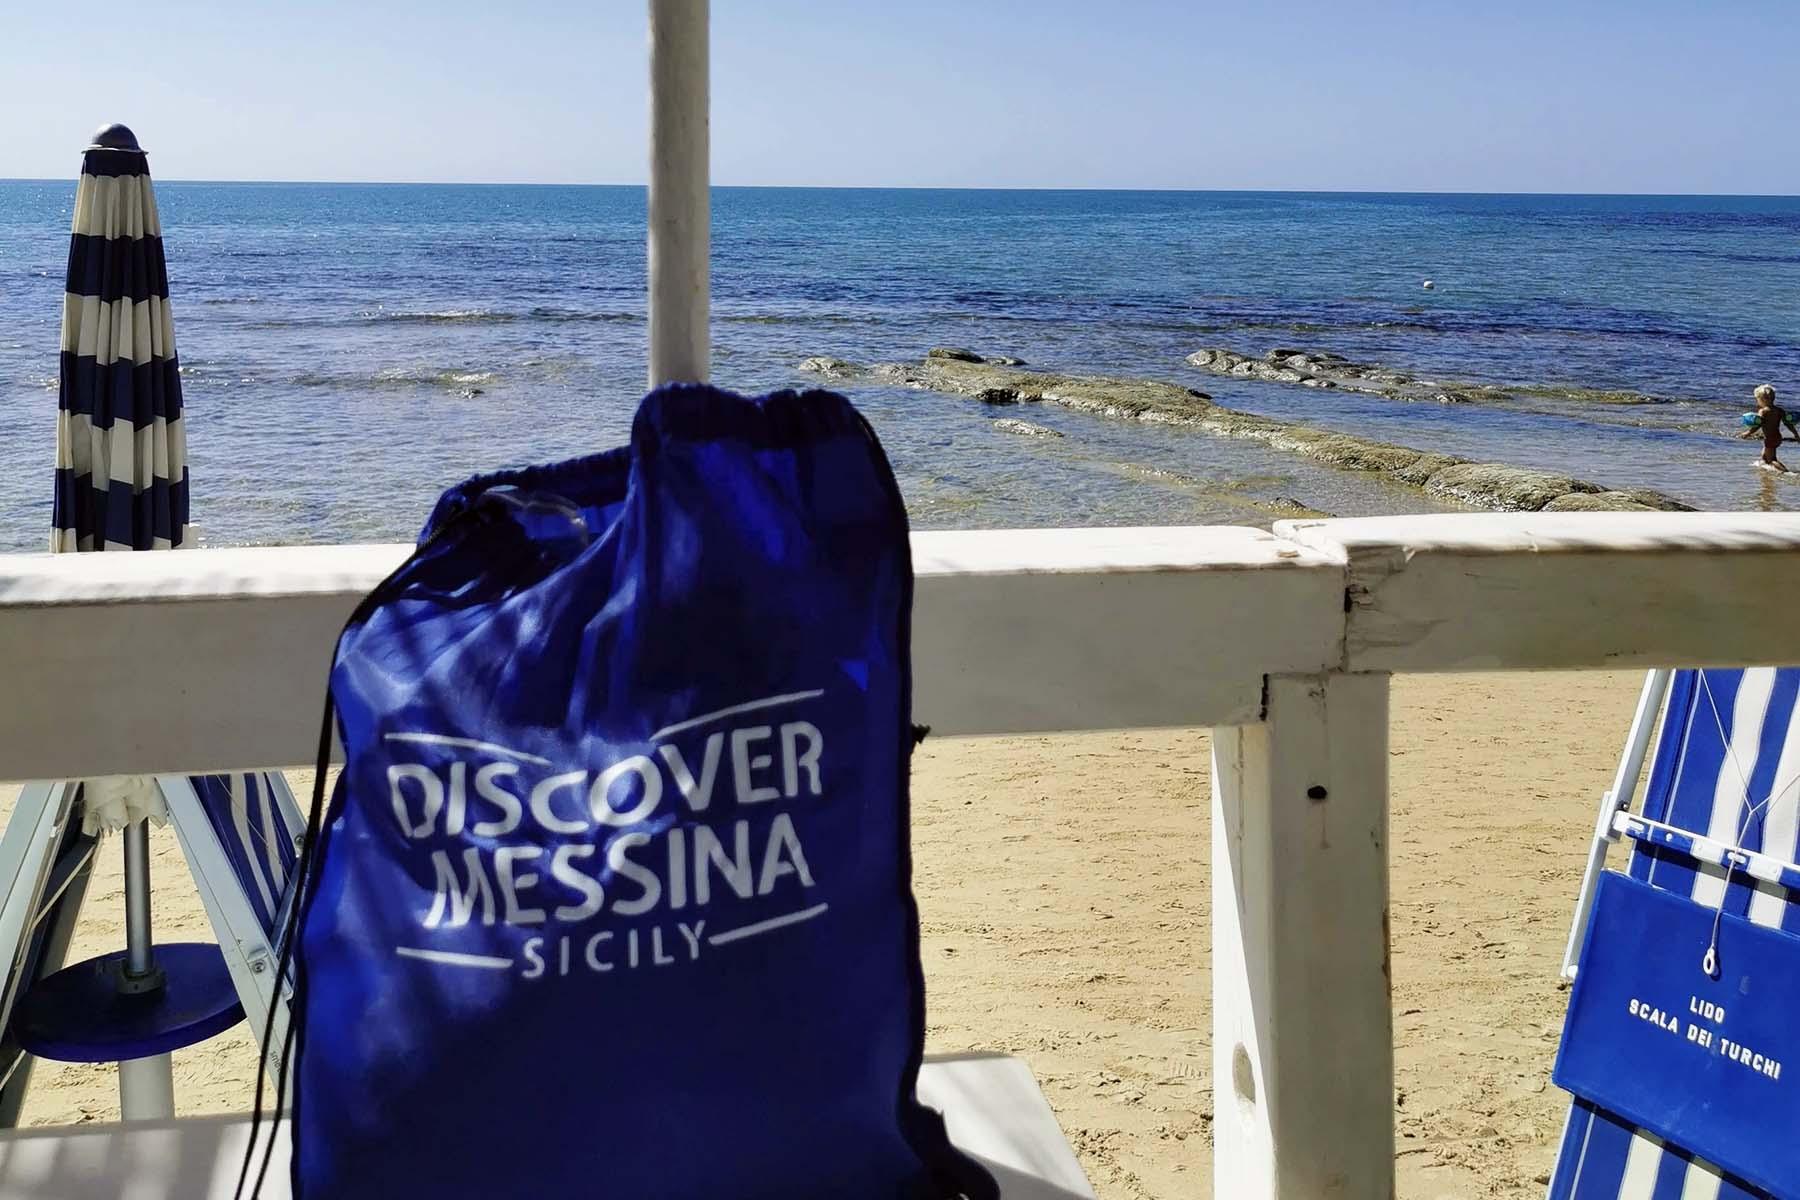 Discover Messina Sicily mare